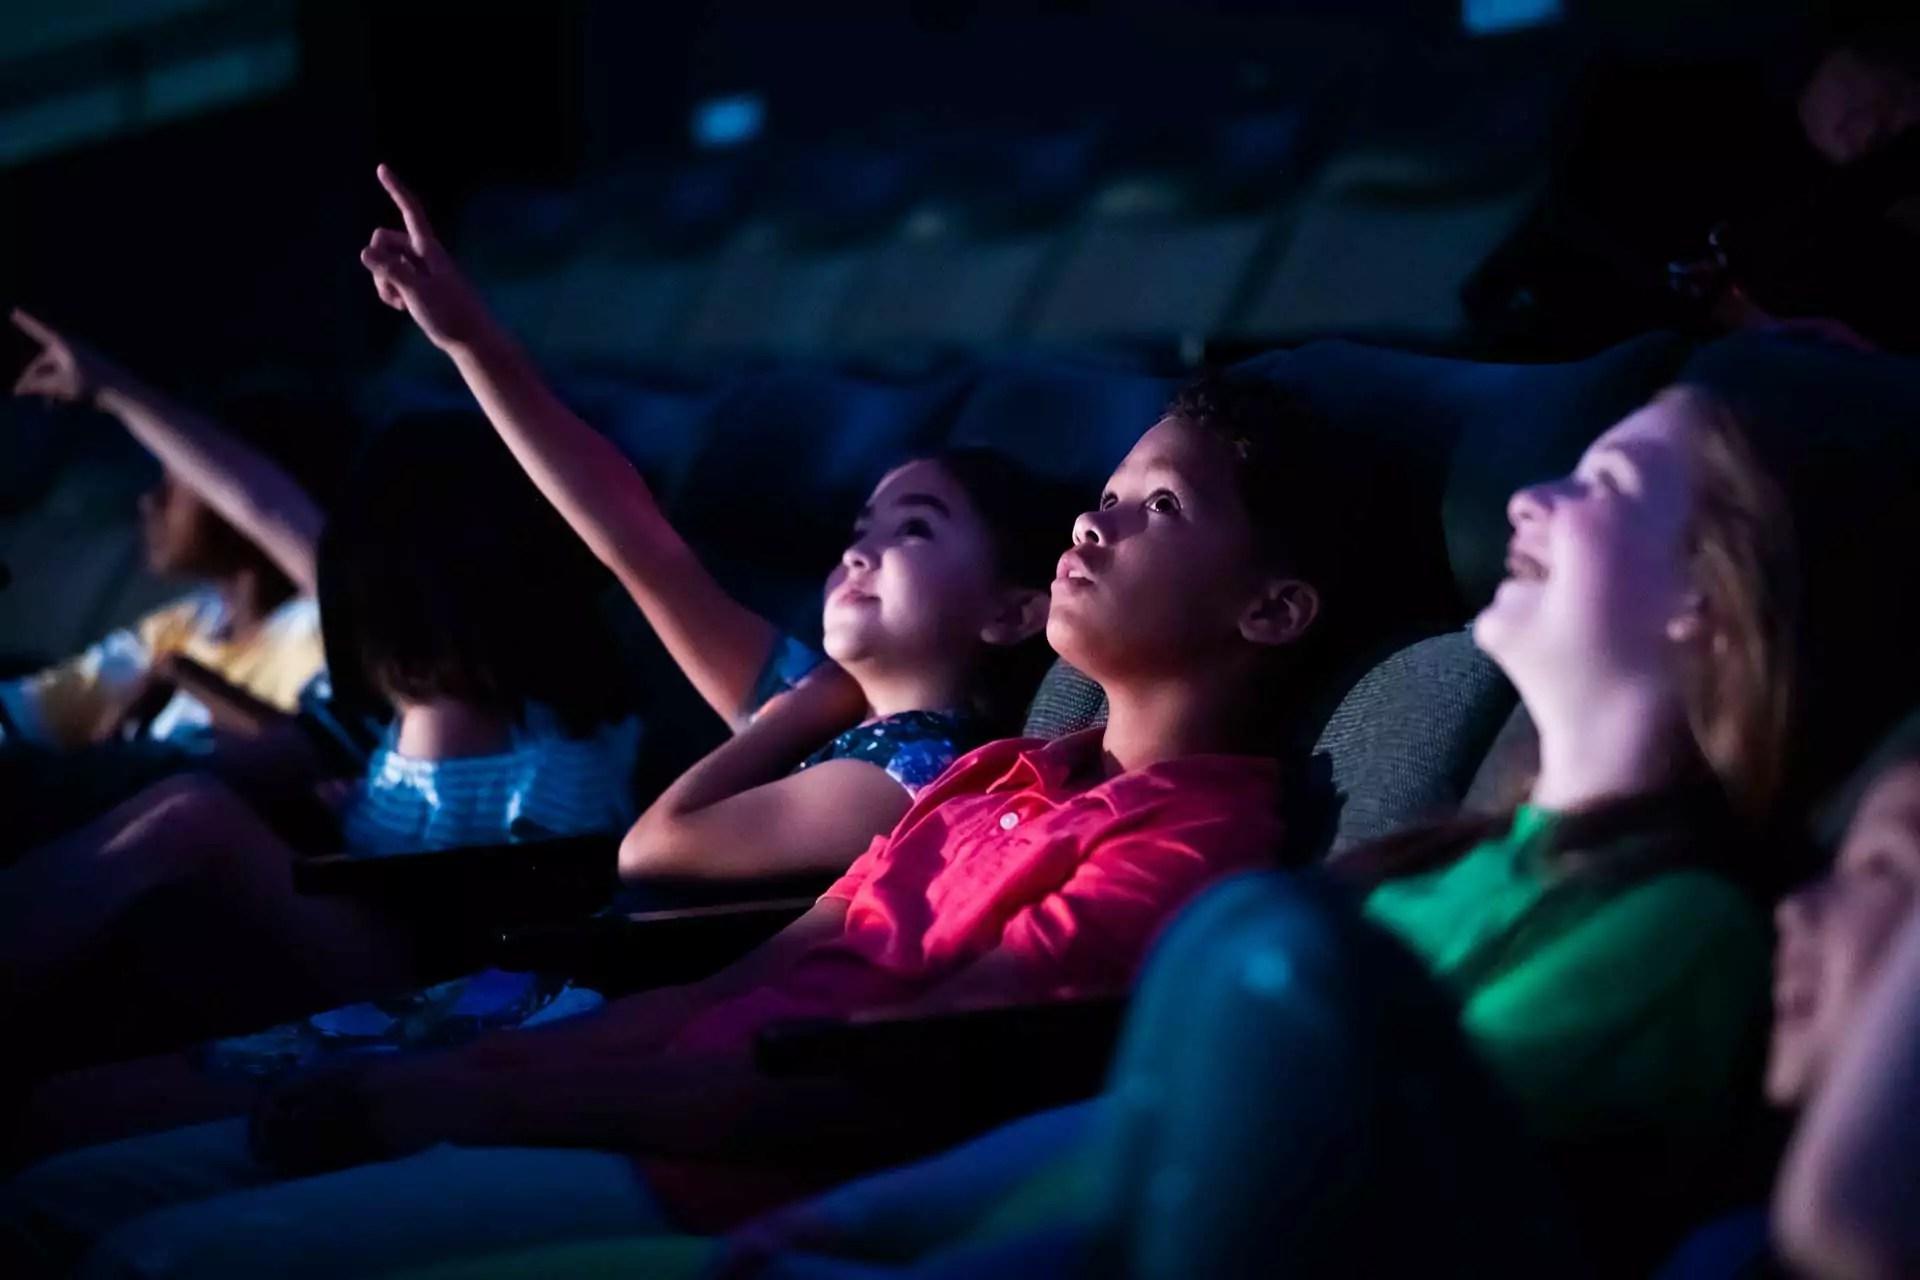 Kids in a Planetarium